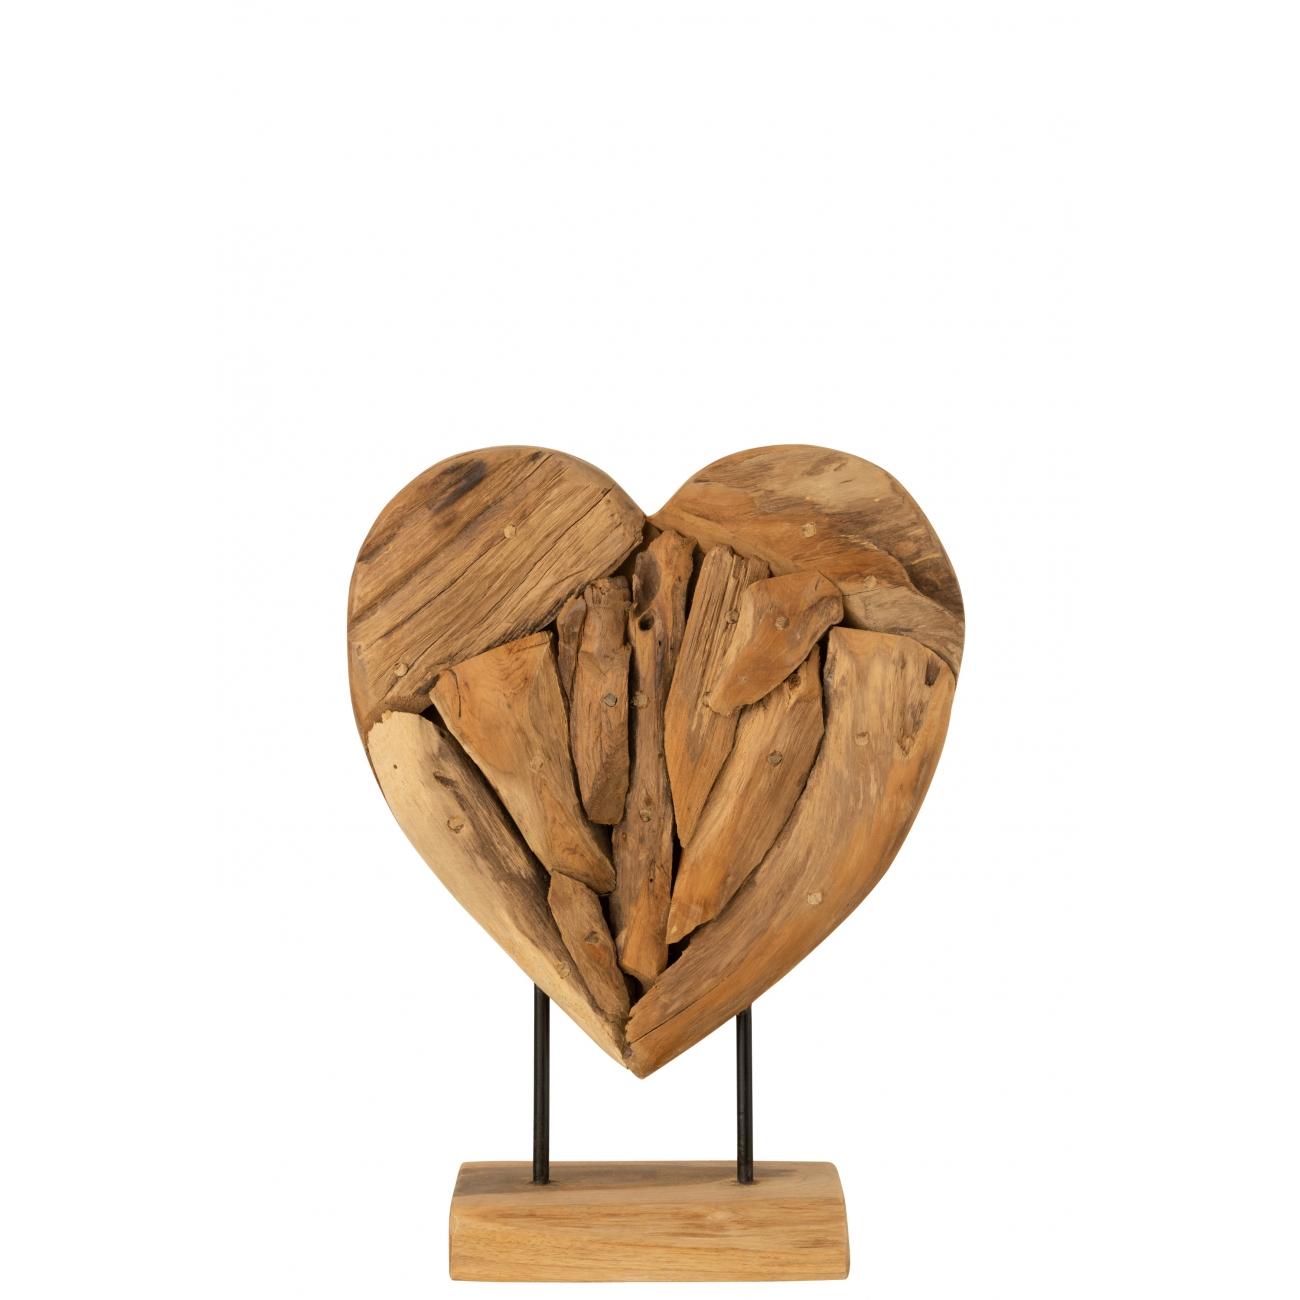 Статуэтка сердце любовь J-LINE деревянная настольная высота 40 см Бельгия